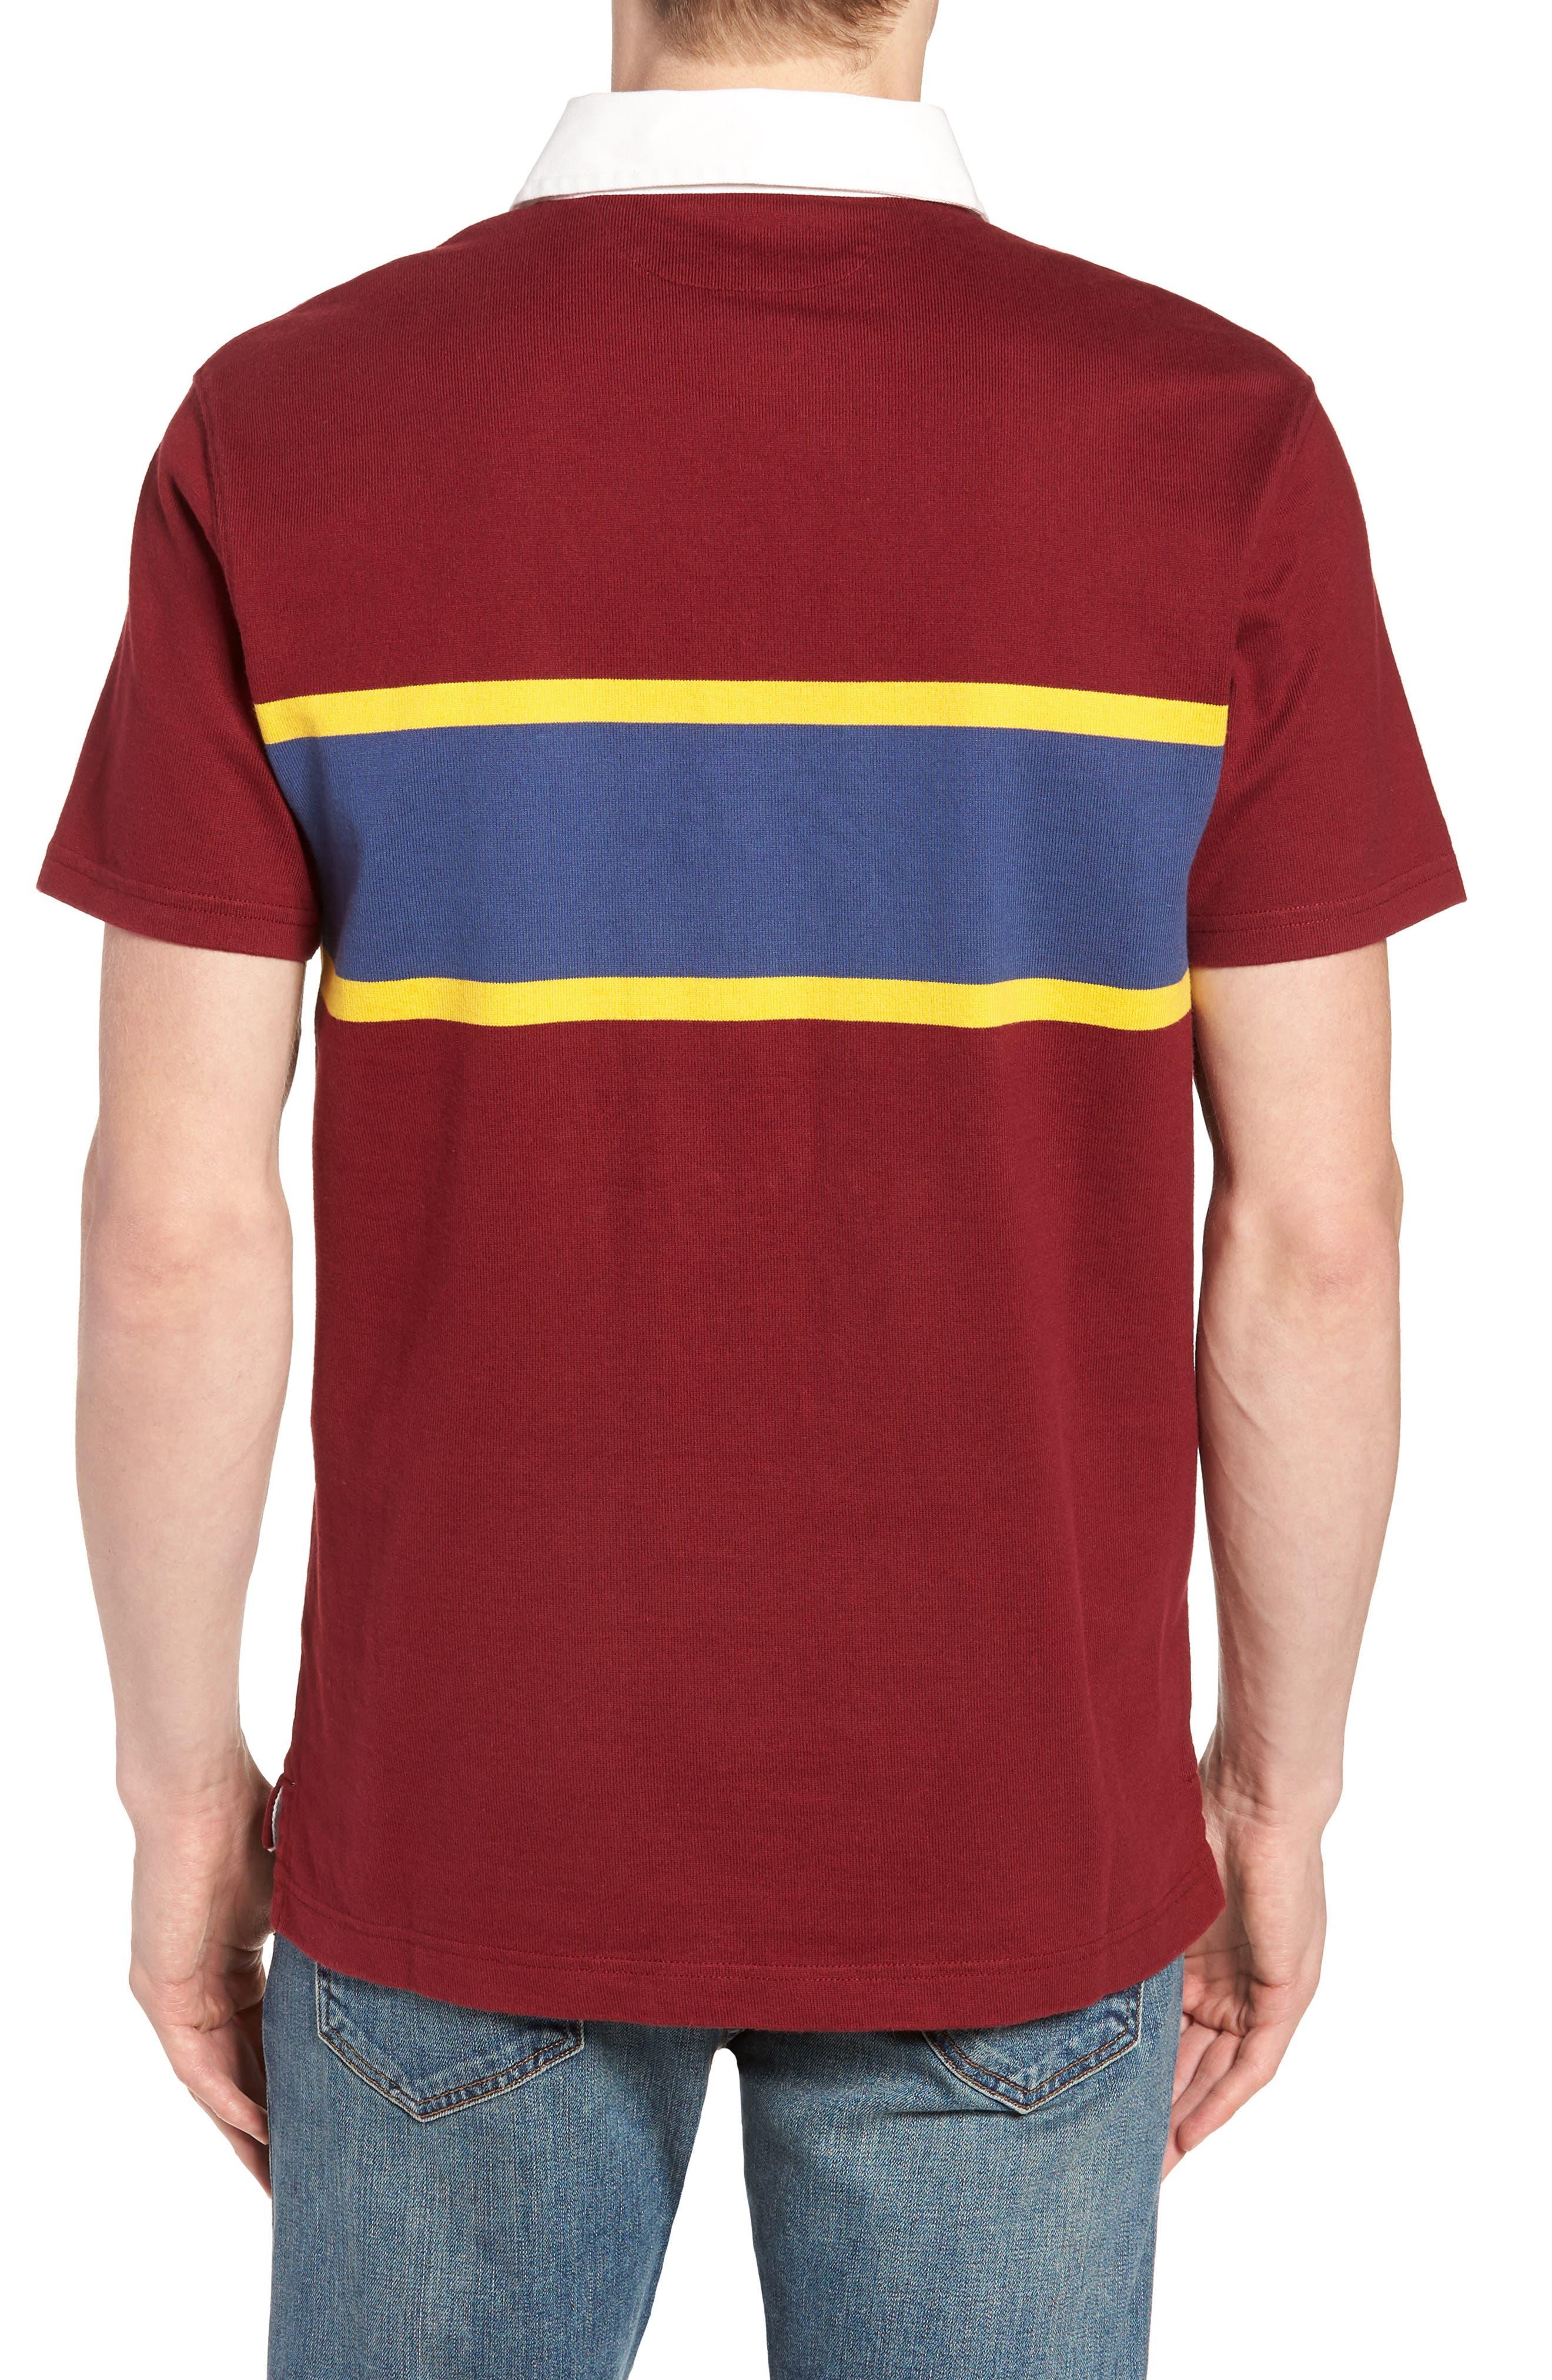 1984 Rugby Shirt,                             Alternate thumbnail 2, color,                             Mahogany